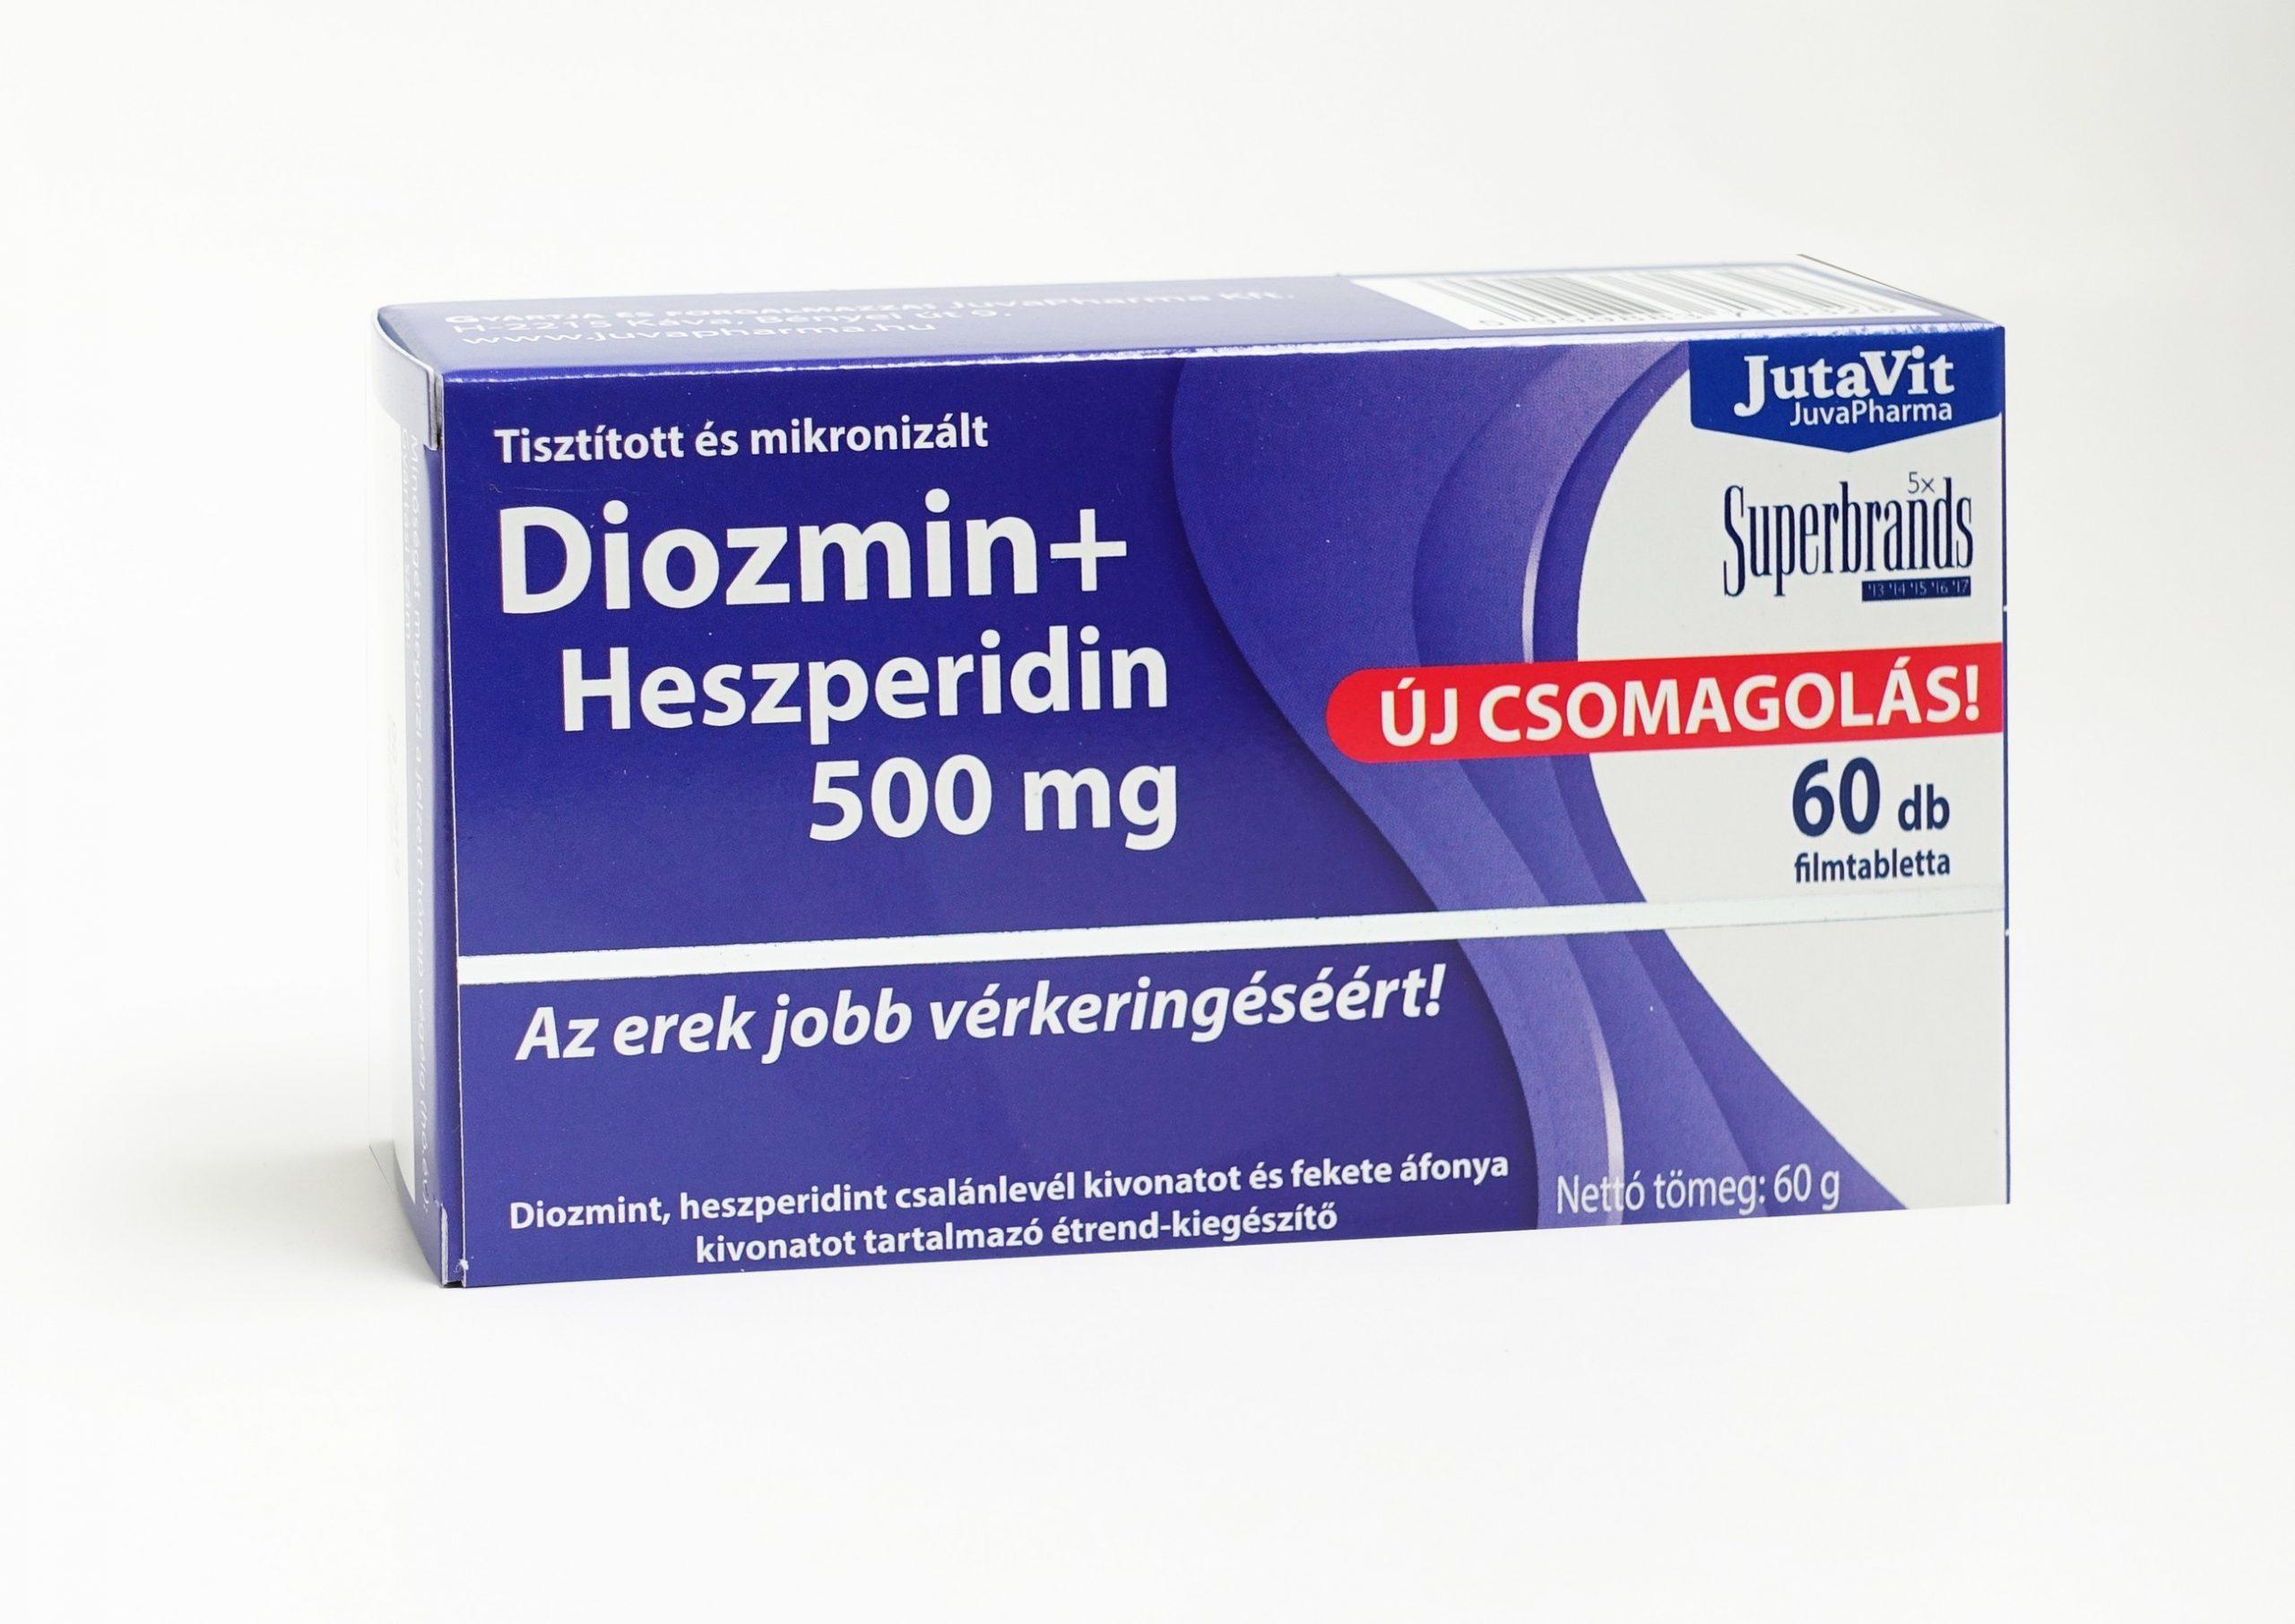 jutavit-diozminhheszperidin-500mg-tabl-60x